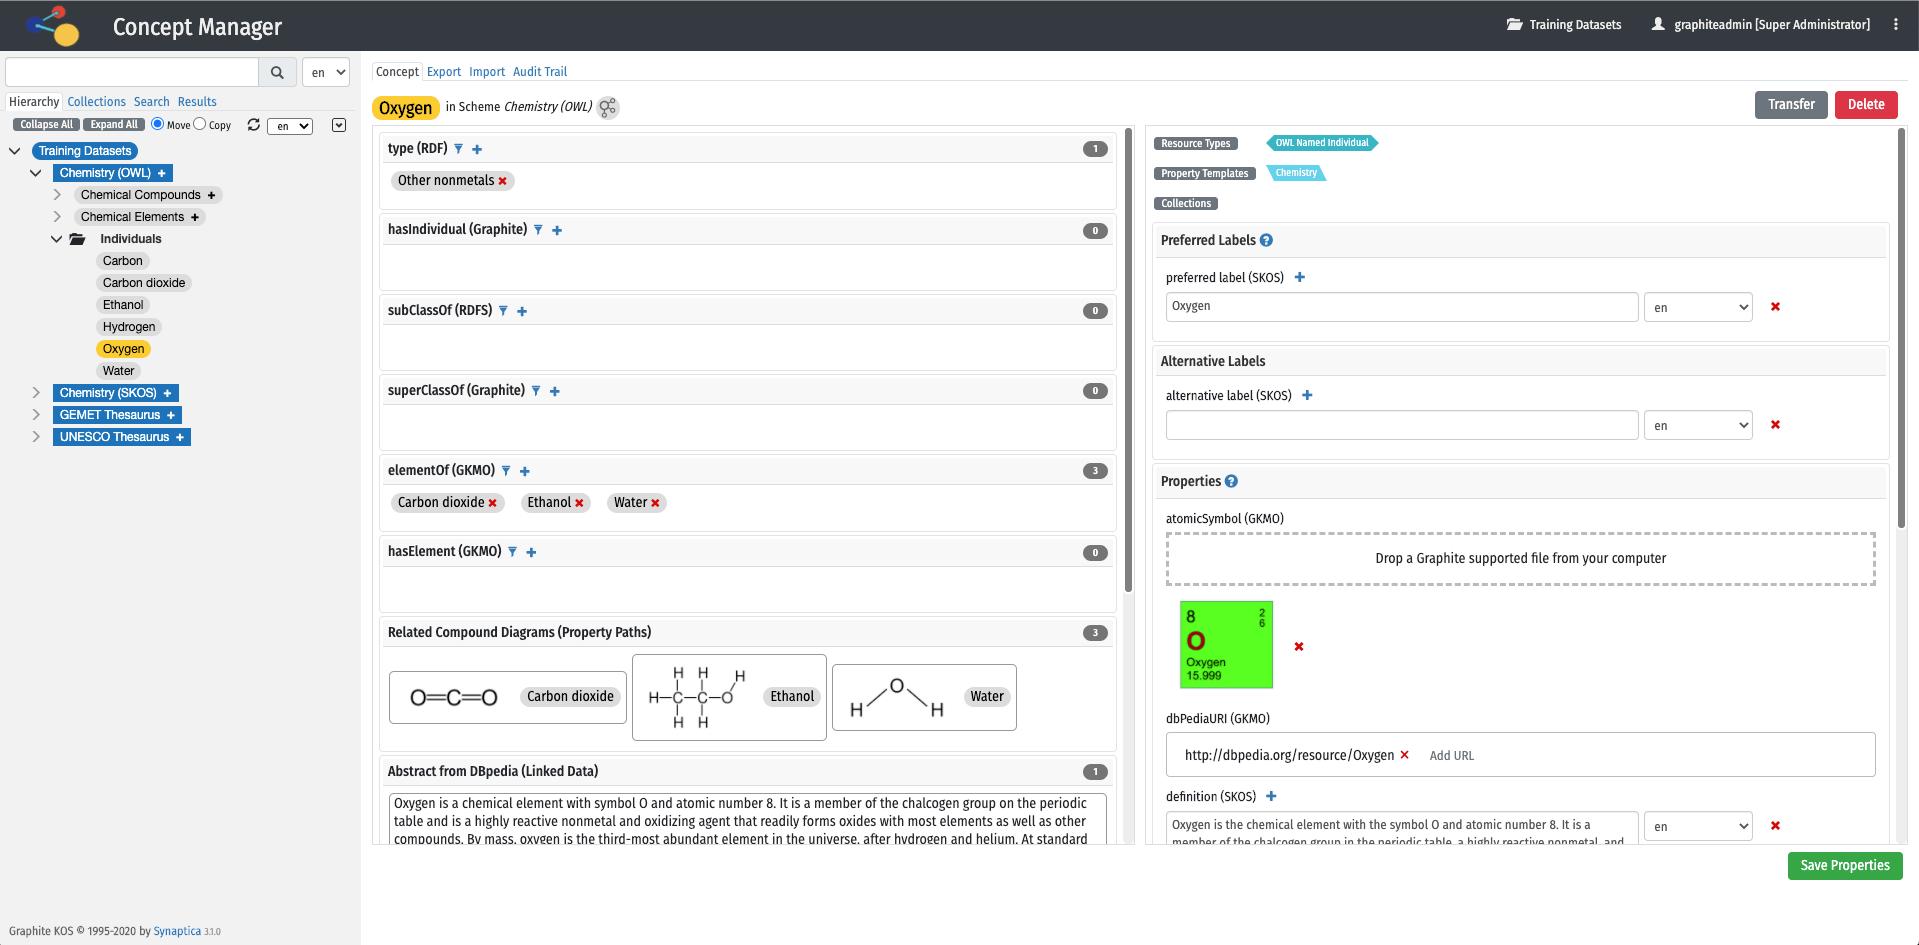 Graphite 3.0 Concept